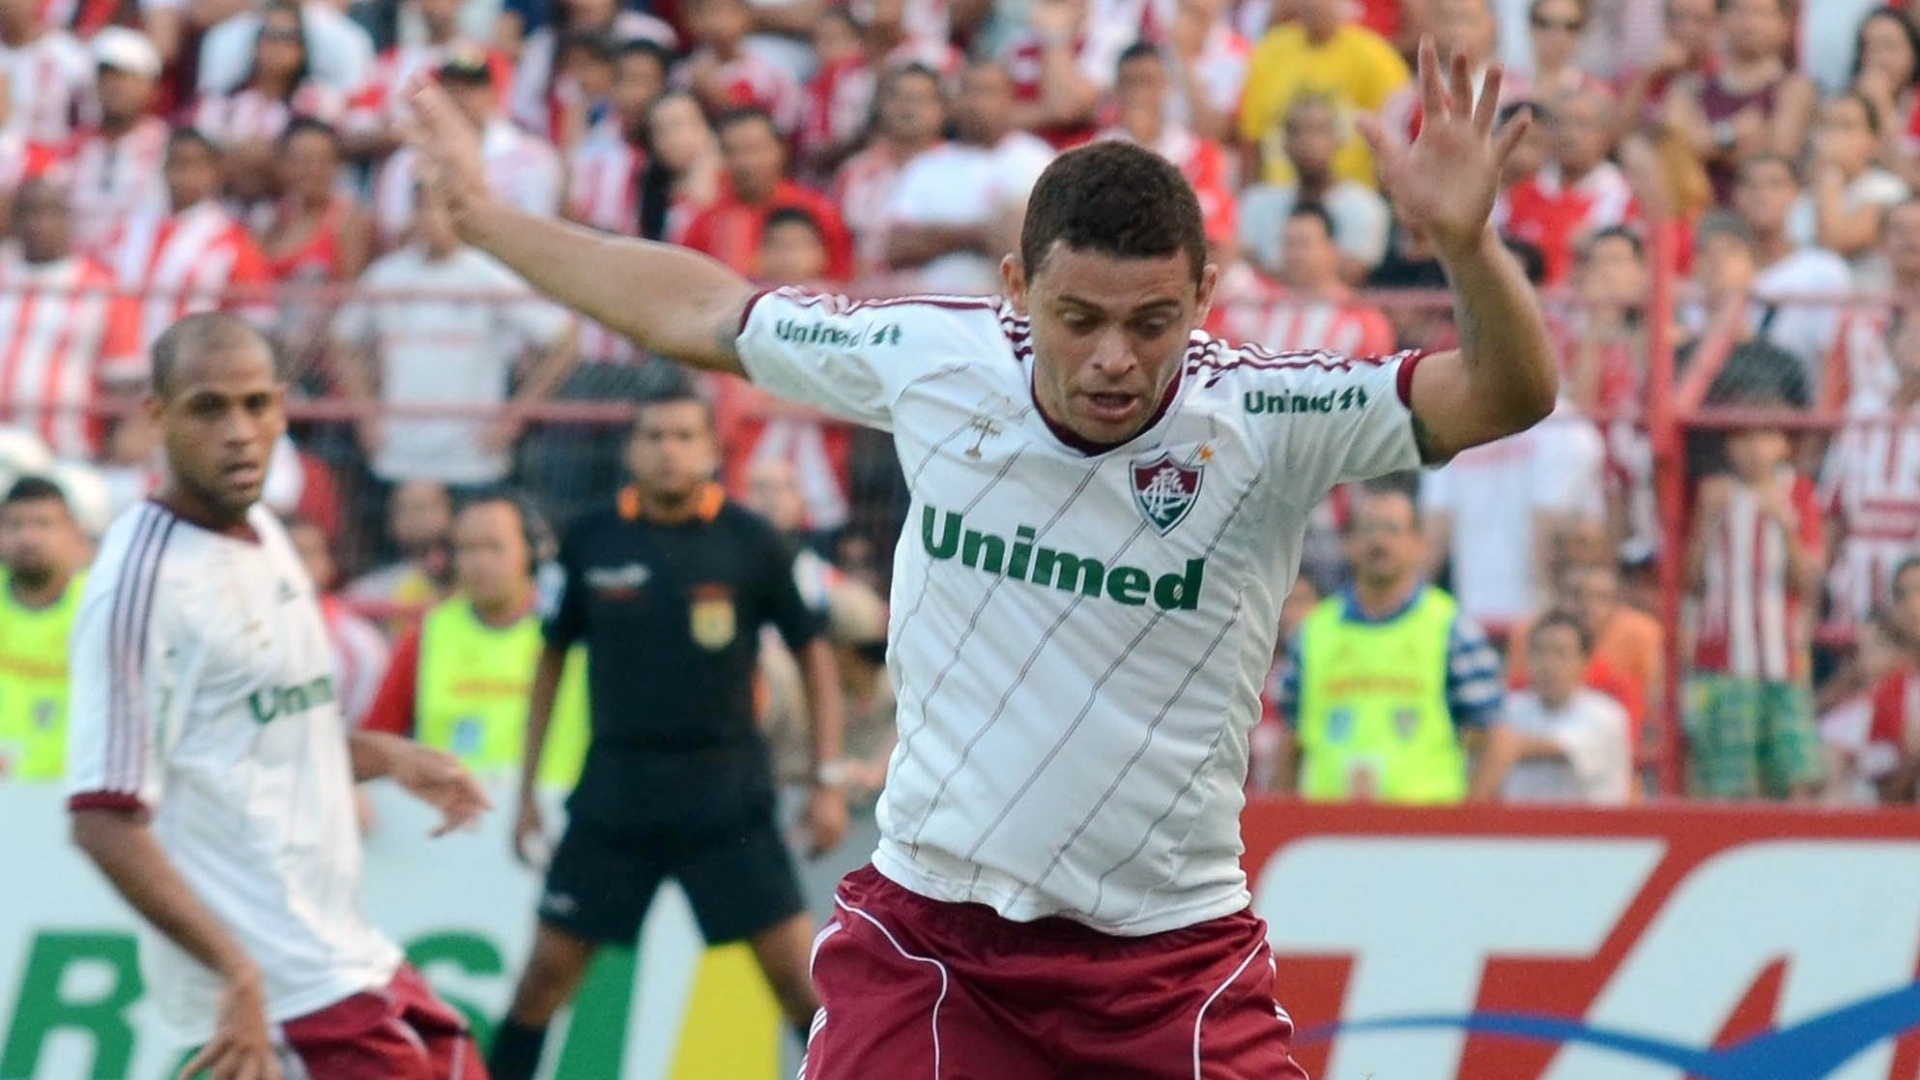 Edinho tenta roubar a bola de jogador do Náutico durante vitória do Fluminense, neste sábado